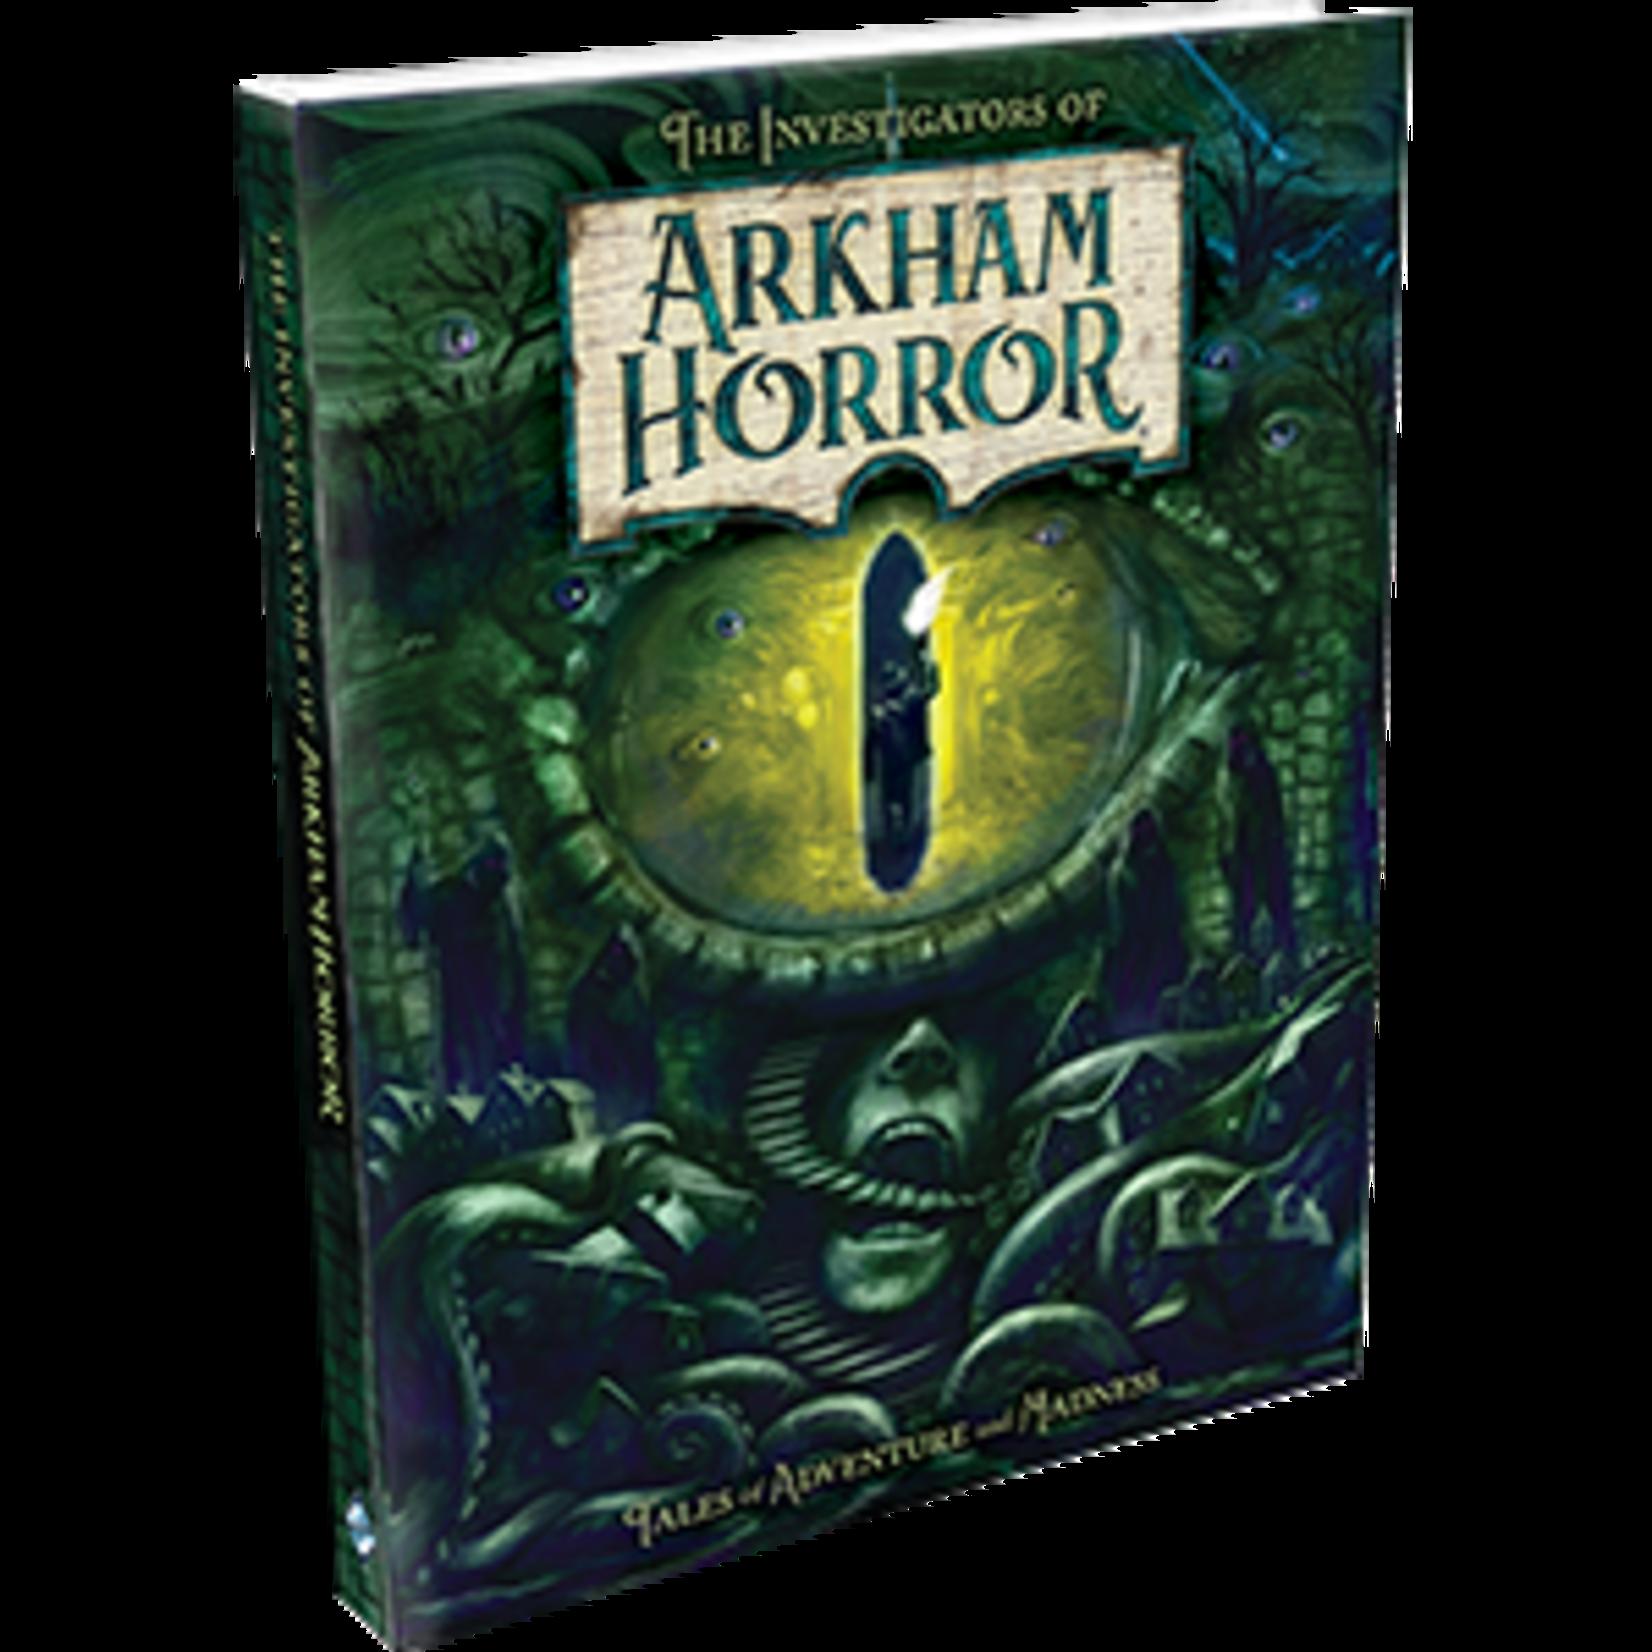 Investigators of Arkham Horror Sourcebook